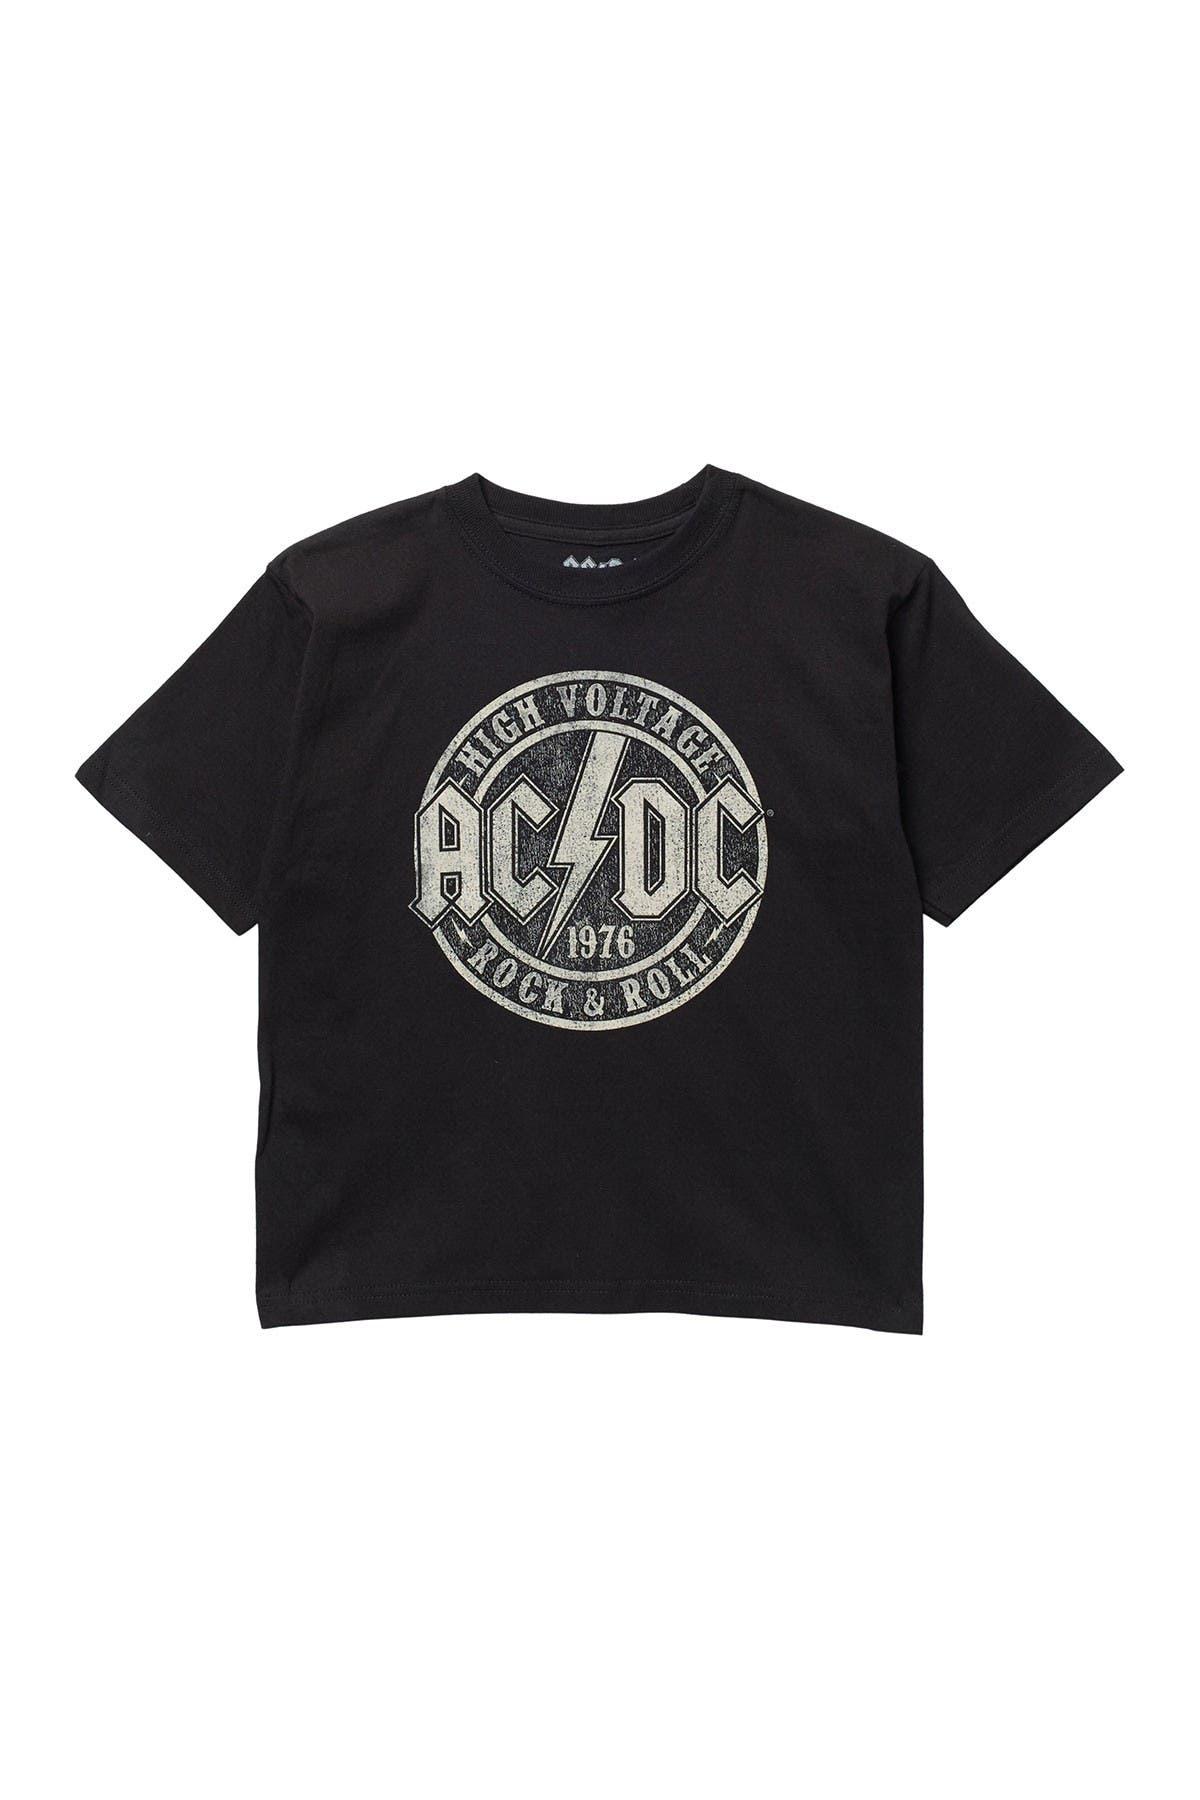 Image of Philcos AC/DC Lightning Bolt Crew Neck T-Shirt